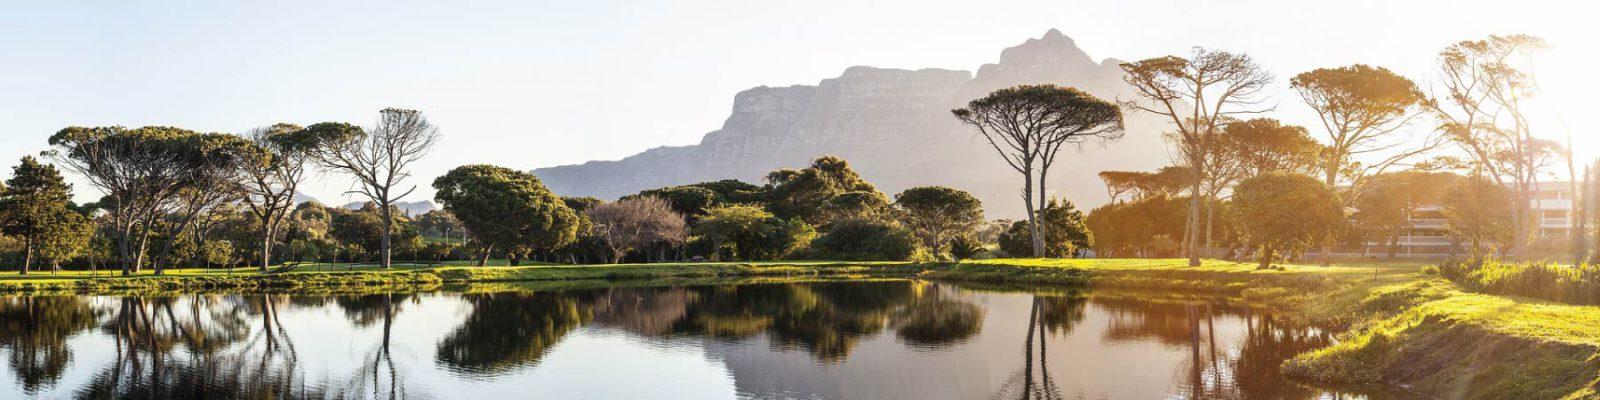 Cape Town - Wikipedia